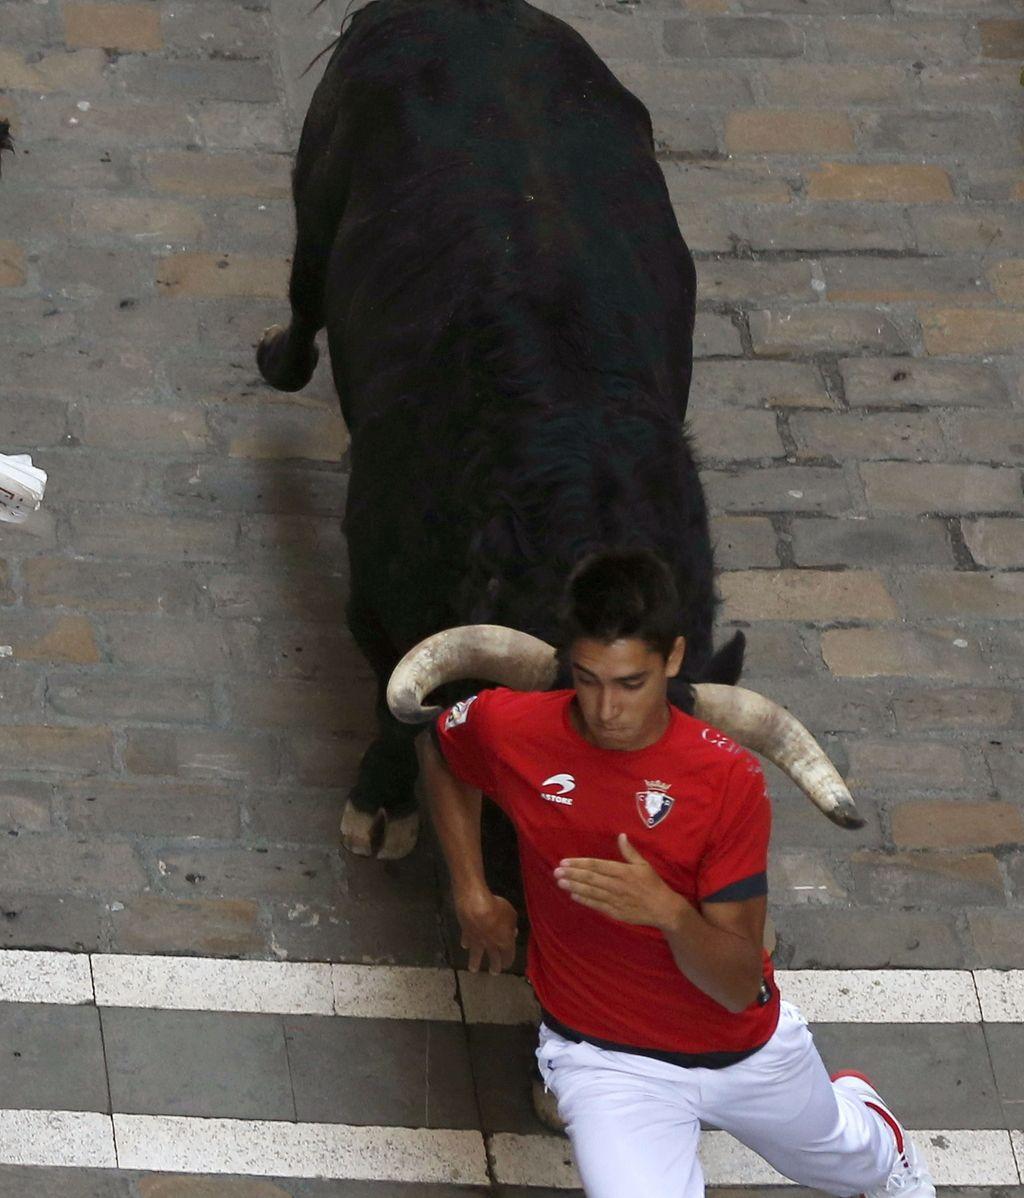 Encierroveloz y peligroso, sin heridos por asta, de los toros de Valdefresno